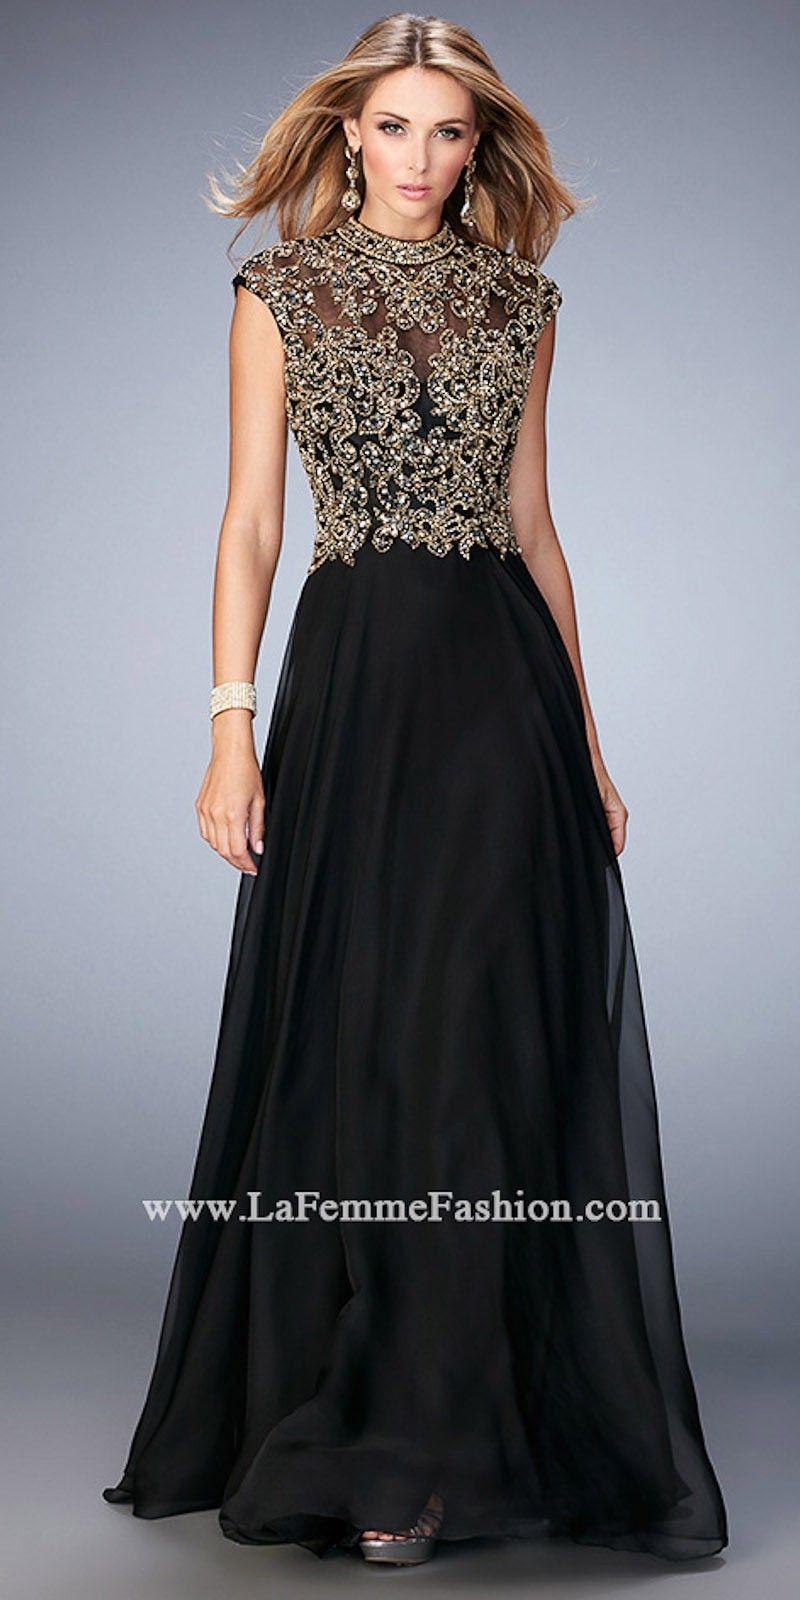 f0becd5ac98 Embellished Mock Neck Prom Dress by La Femme